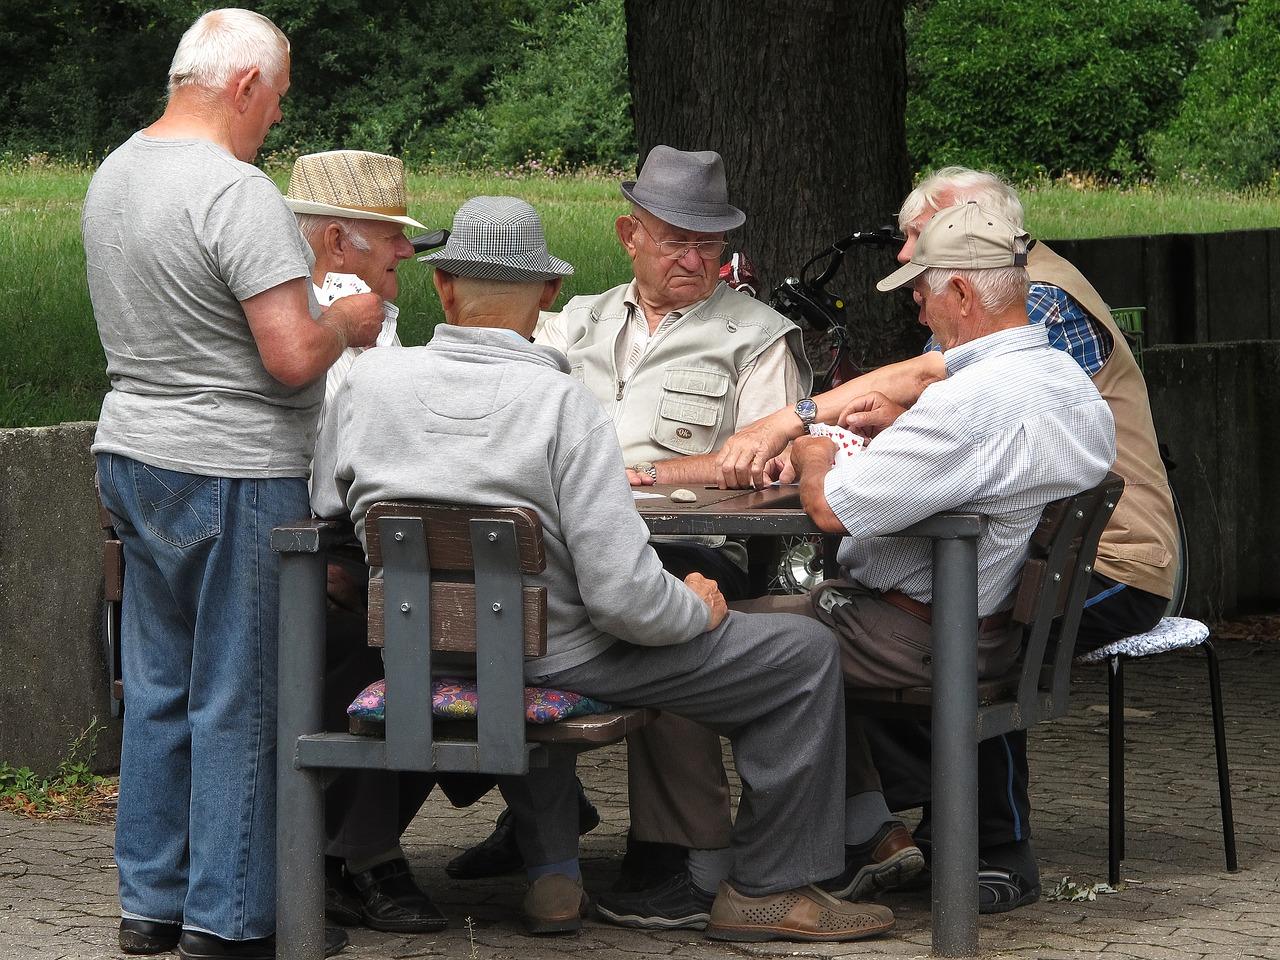 Jogos de Tabuleiro e Cartas que ajudam a memória dos idosos